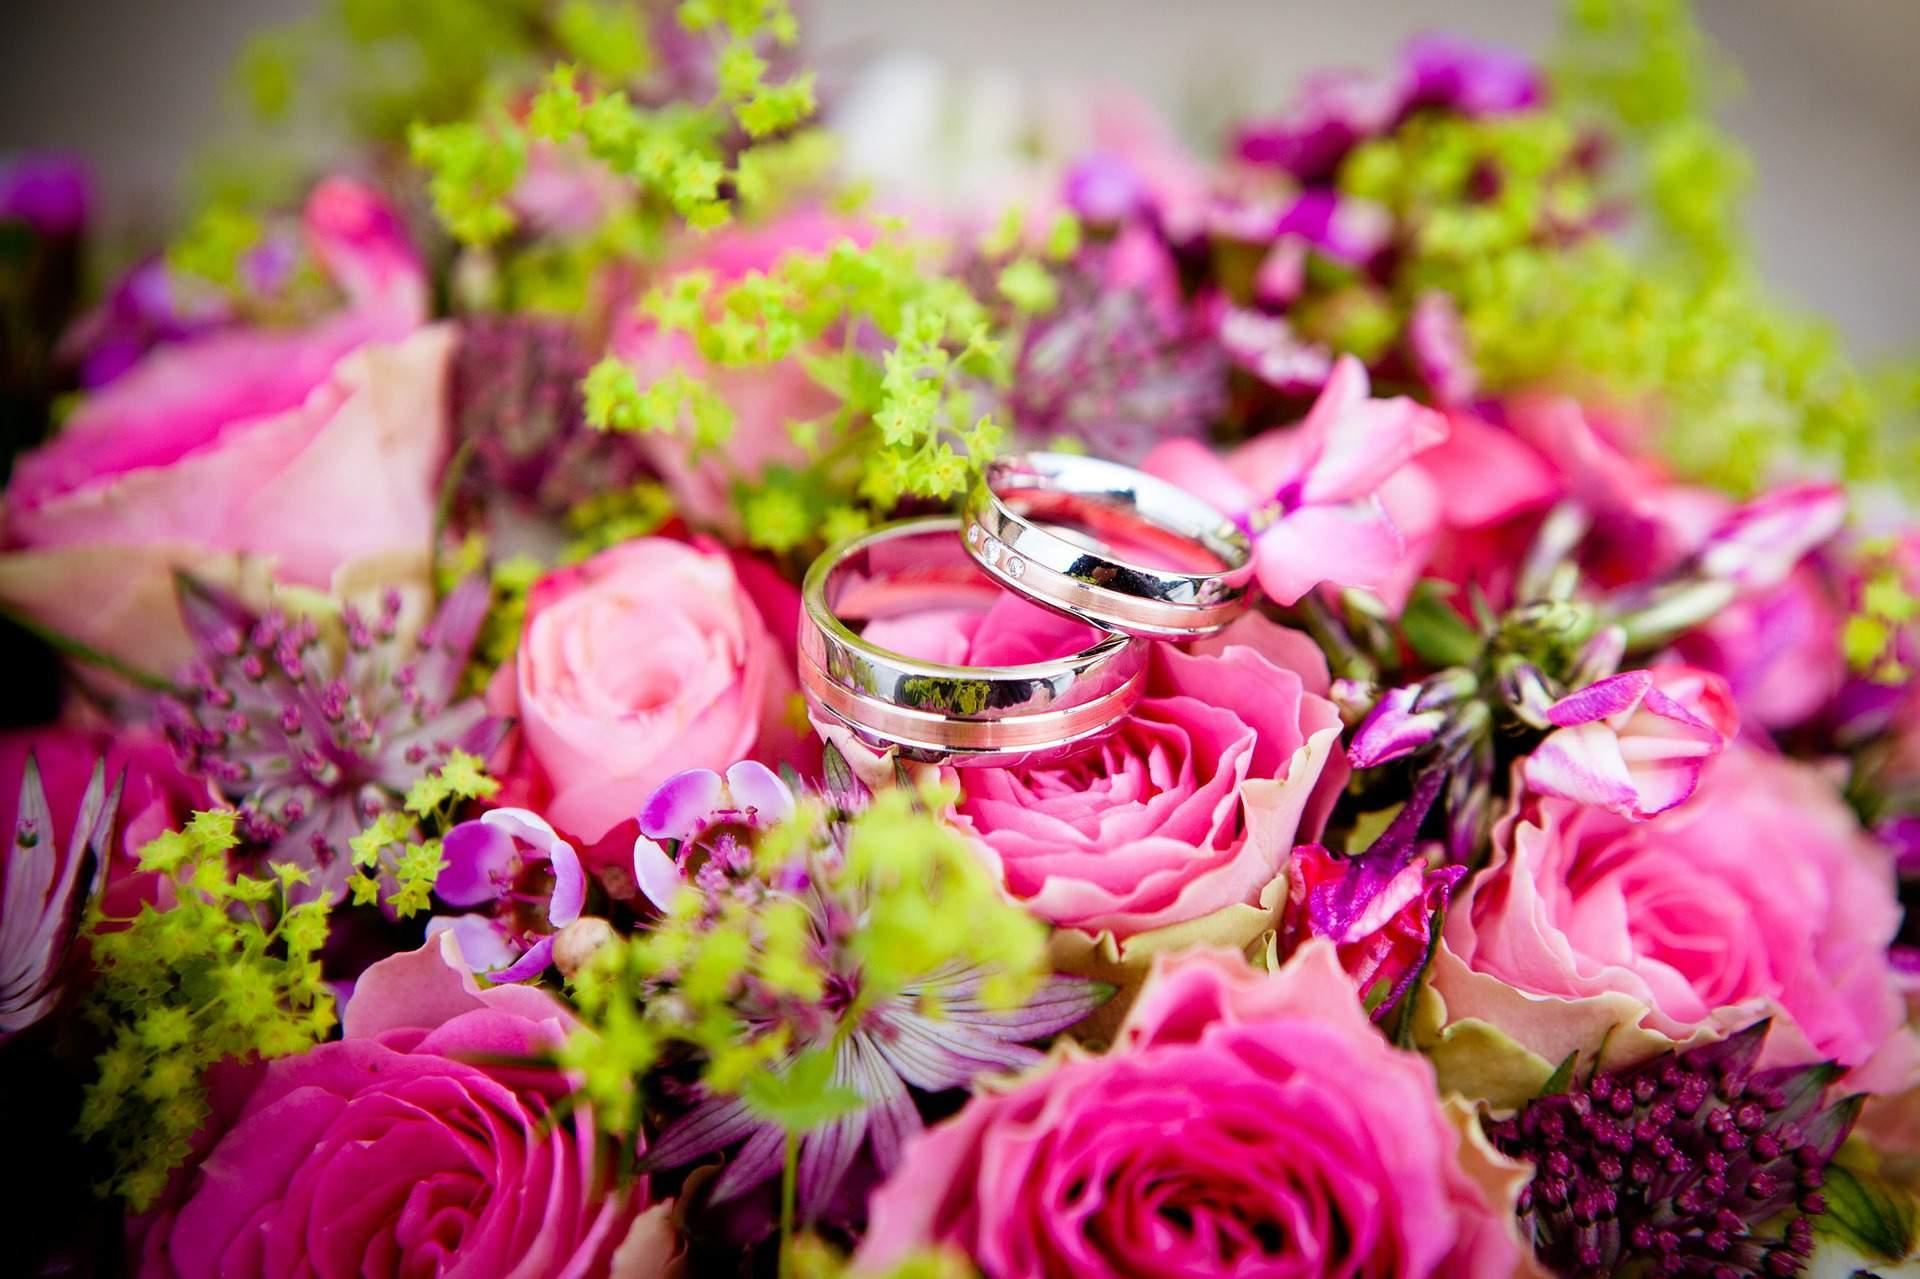 wedding esküvő love szerelem ring gyűrű marriage házasság